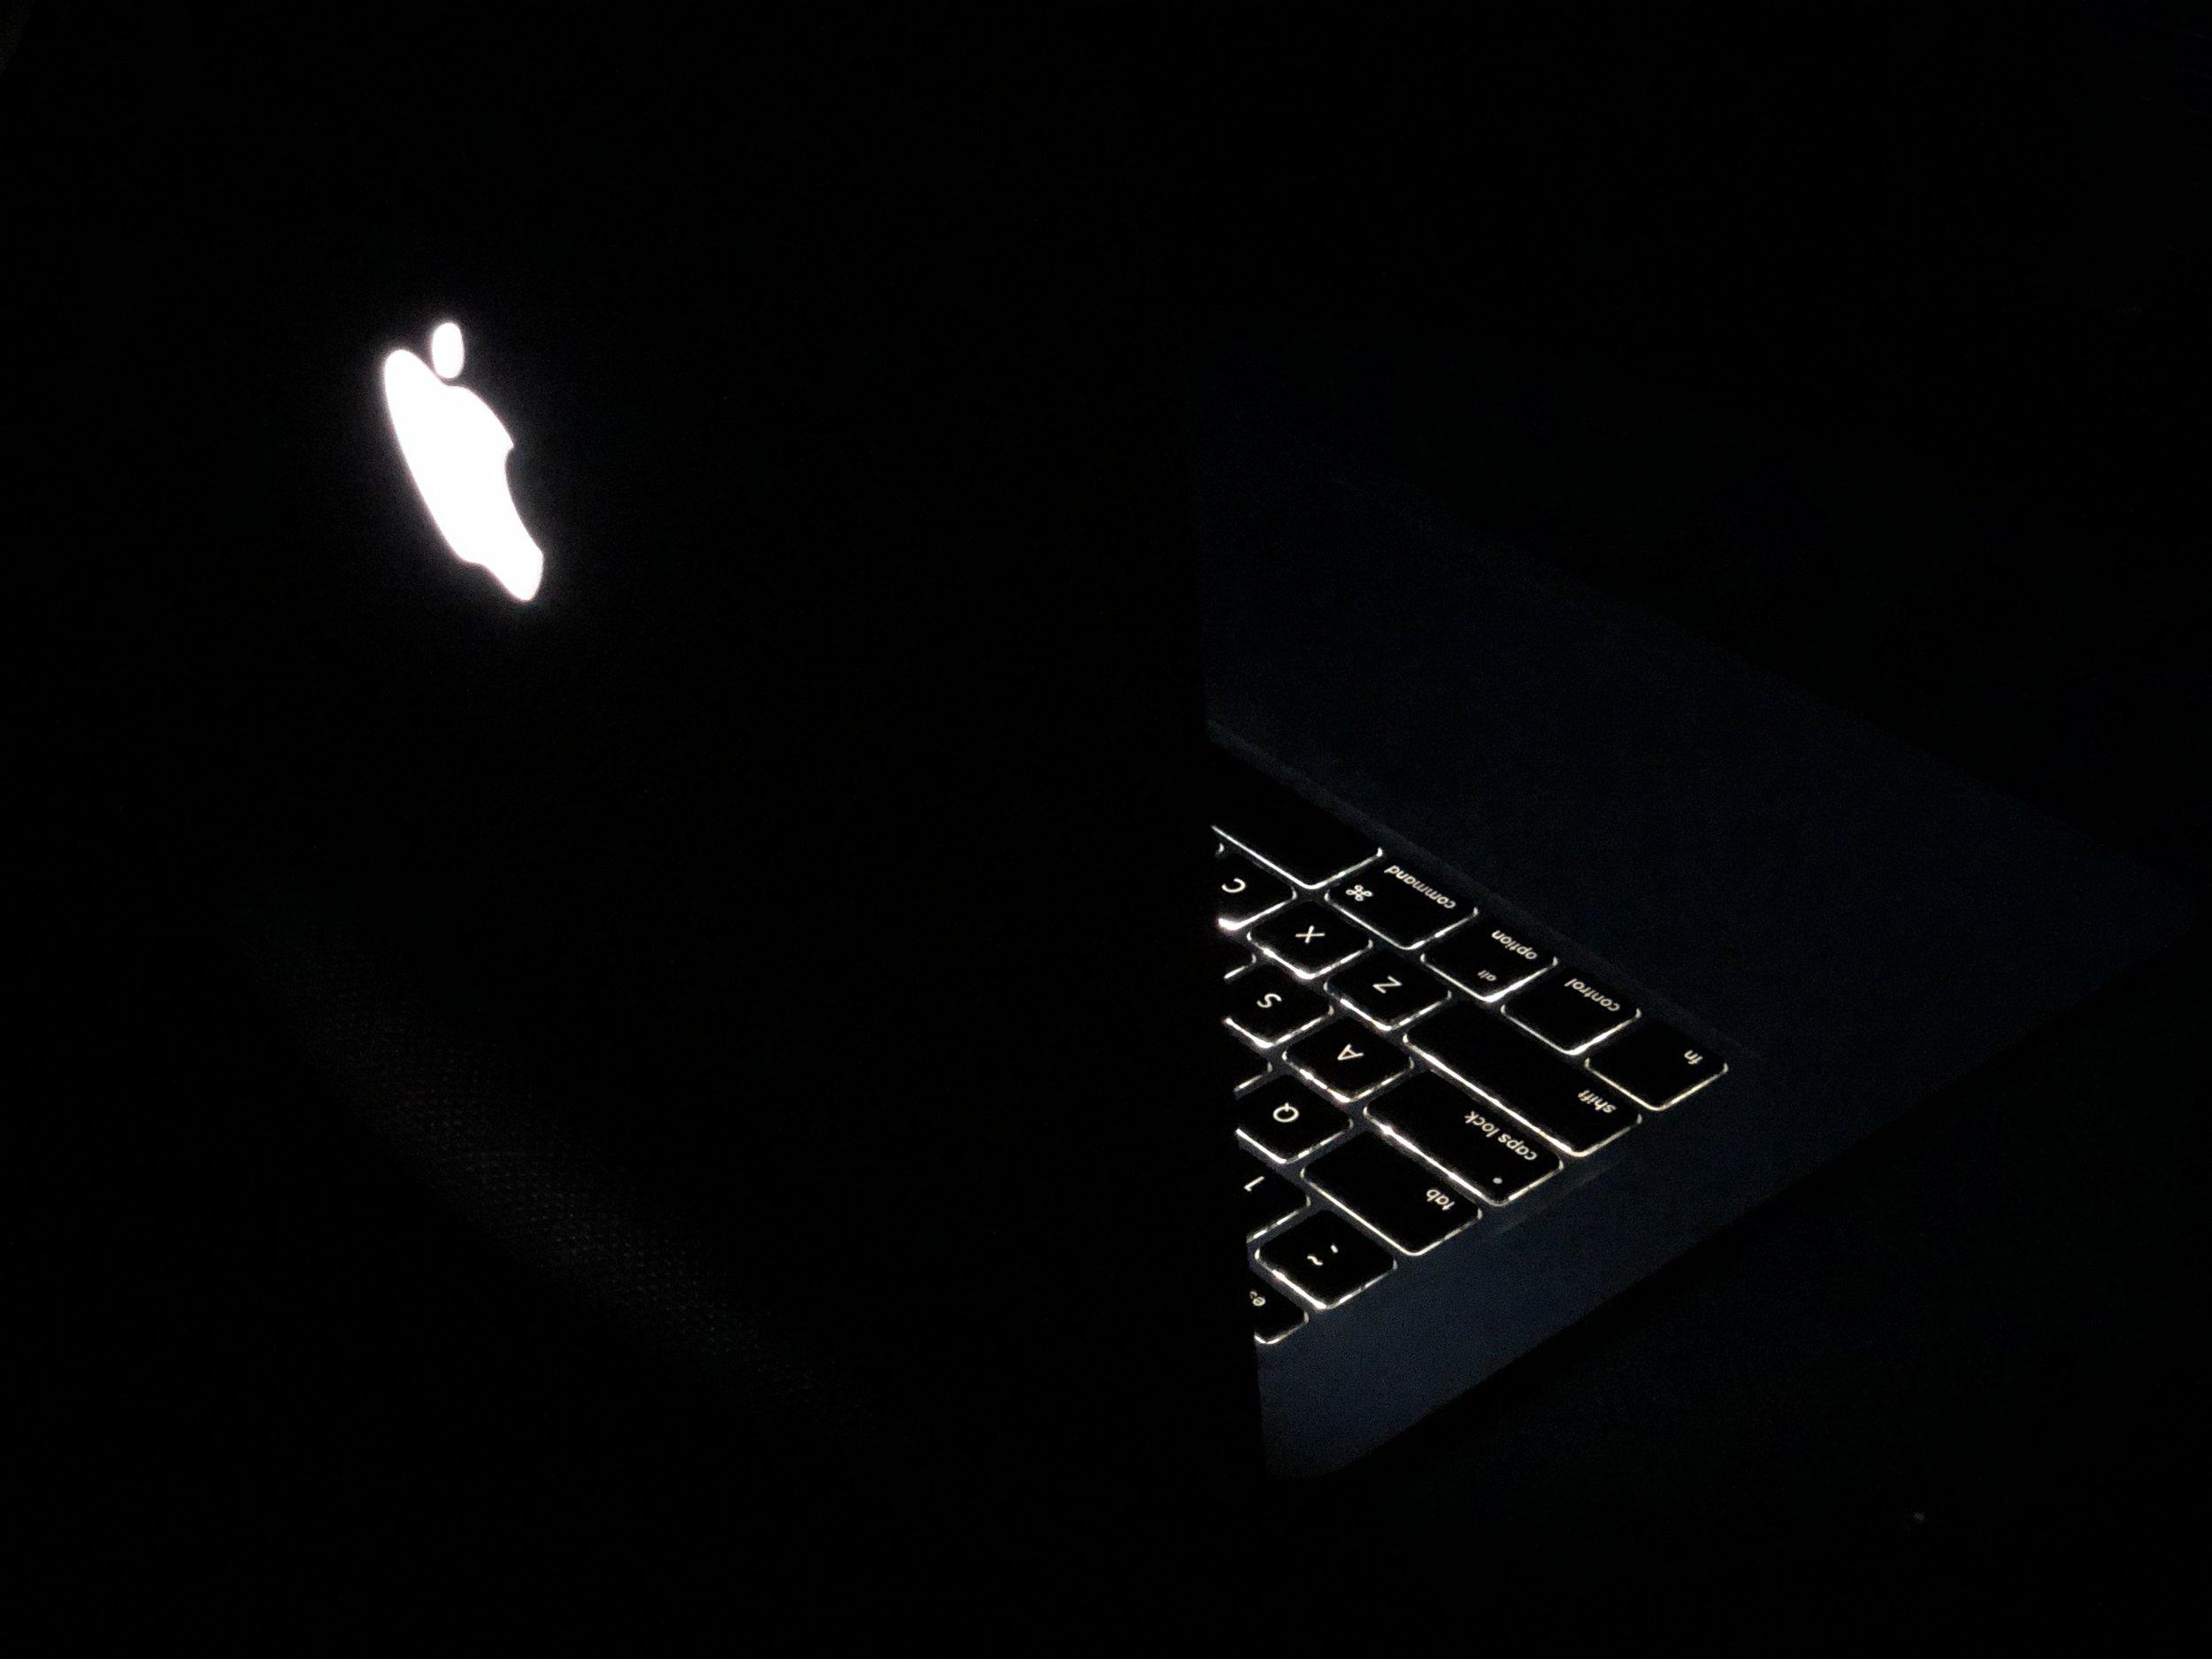 我的MacBook Air